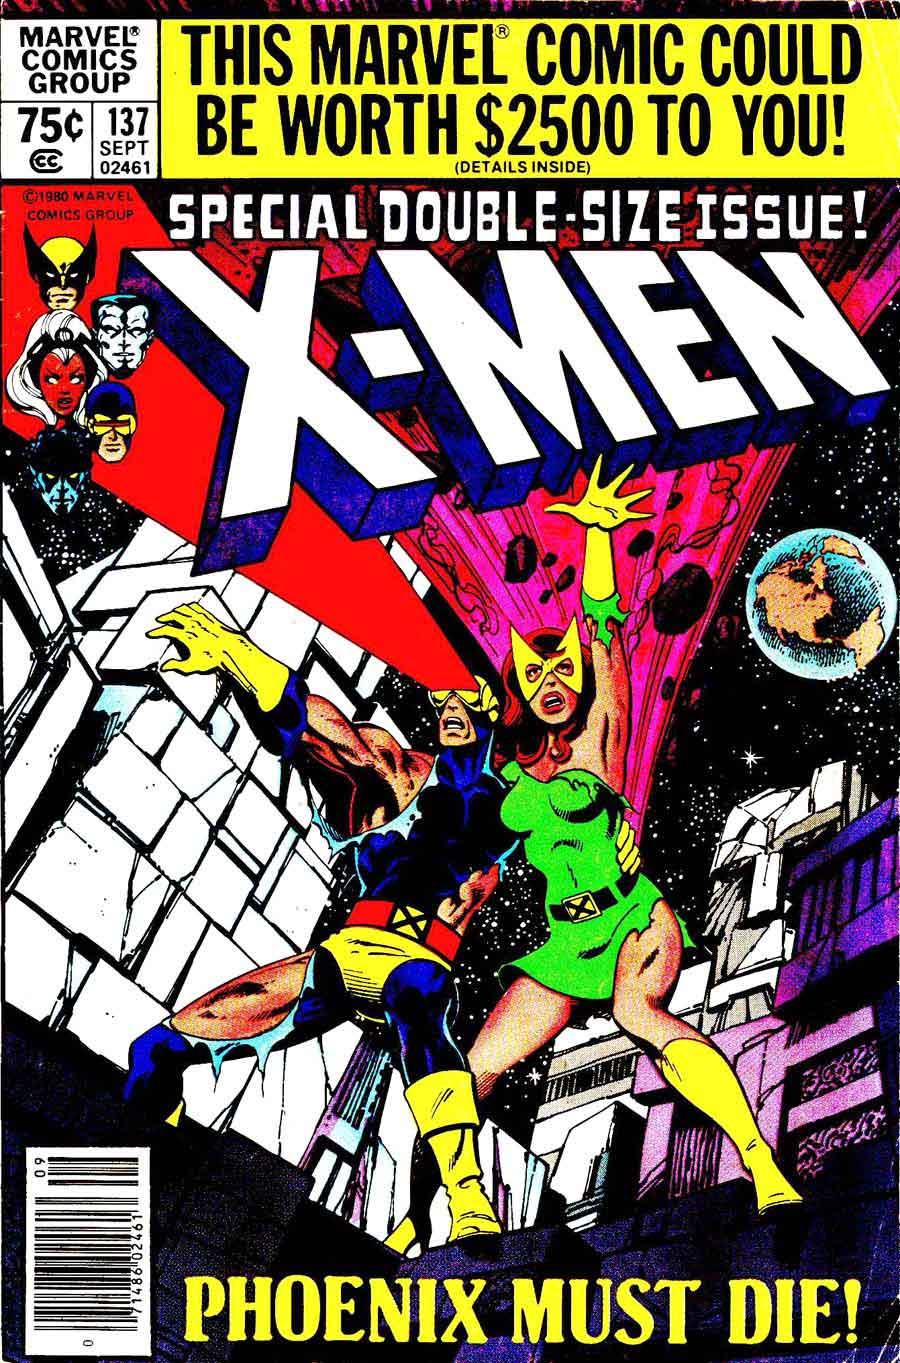 X-men v1 #137 marvel comic book cover art by John Byrne